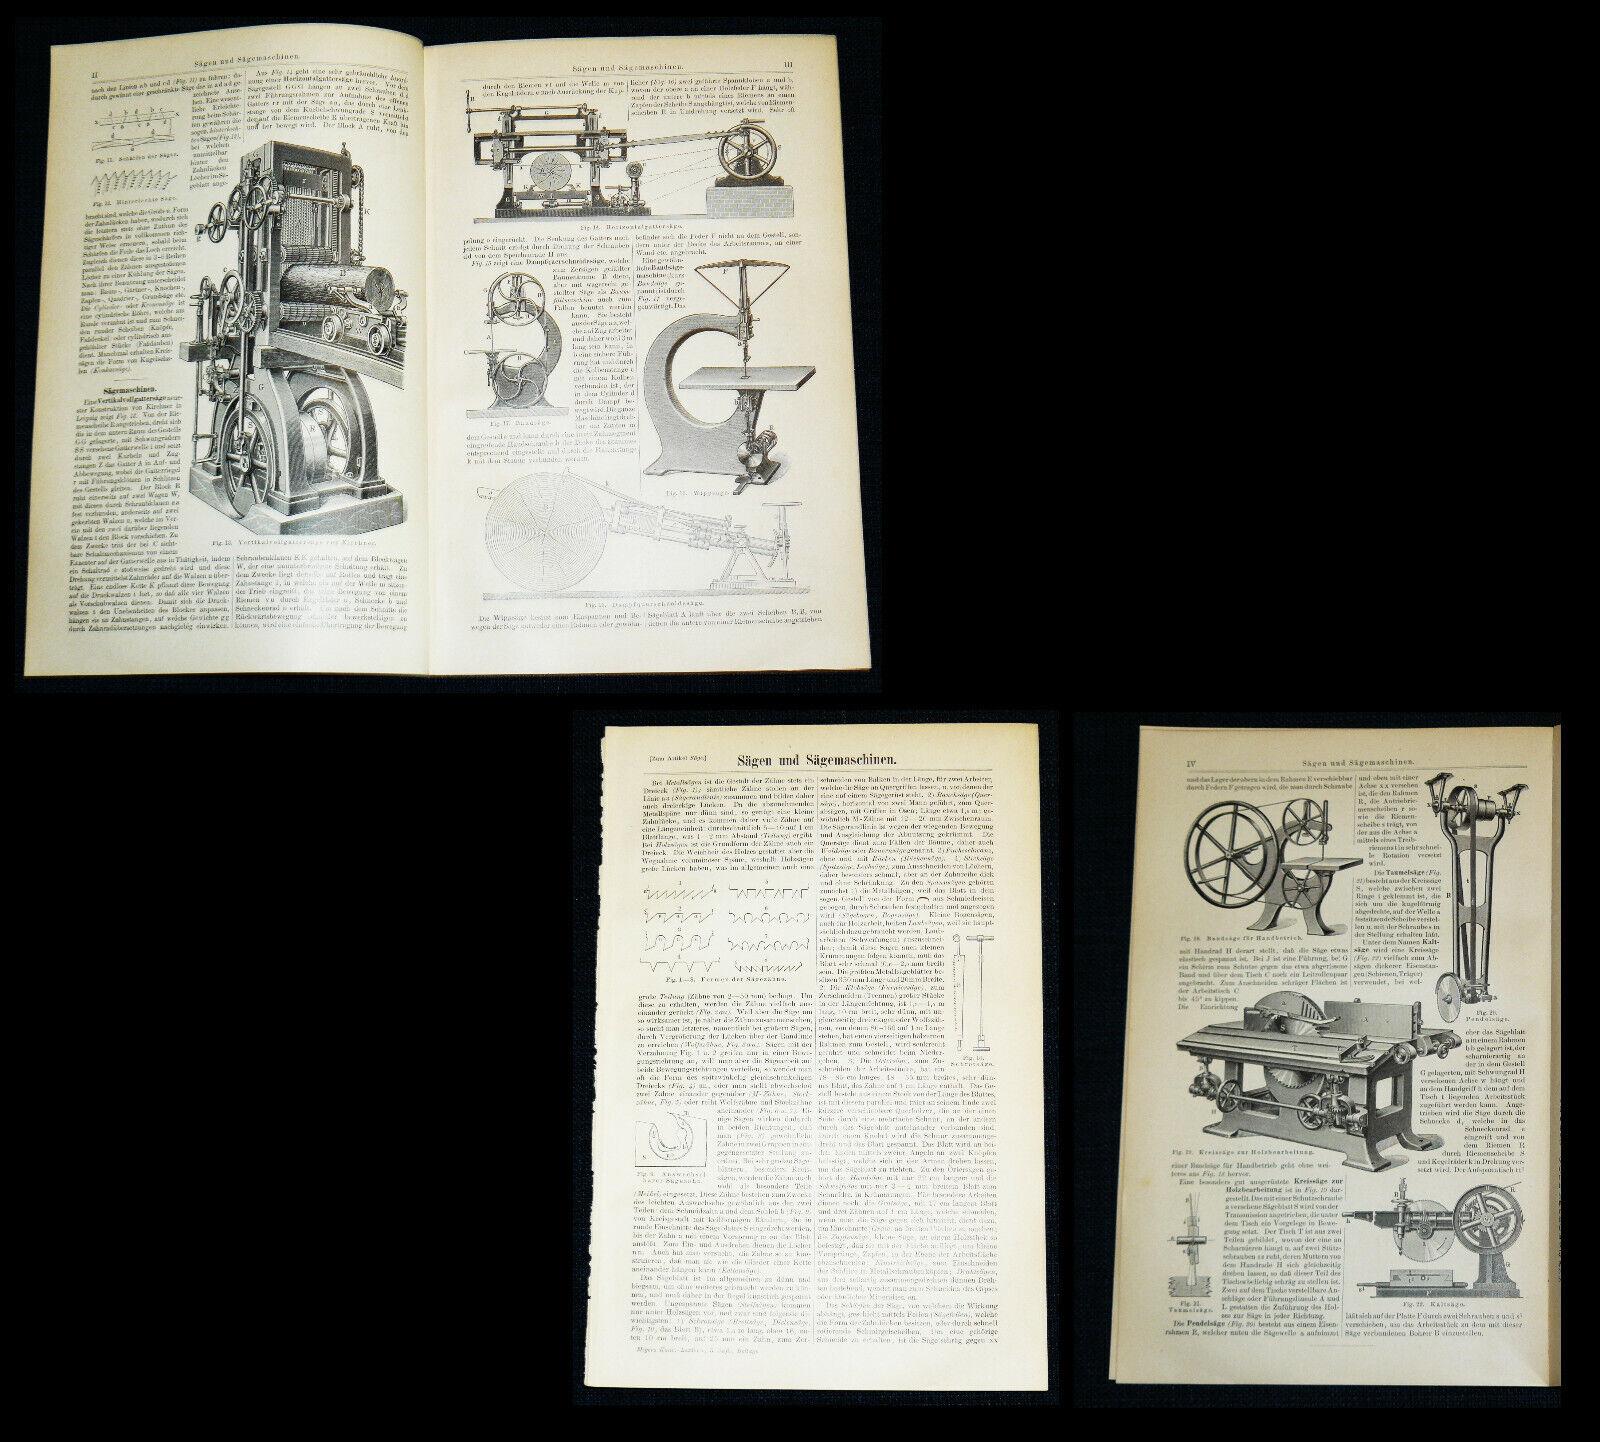 SÄGEN & SÄGEMASCHINEN Gattersäge Wippsäge Bandsäge Kreissäge – Drucke Text 1897